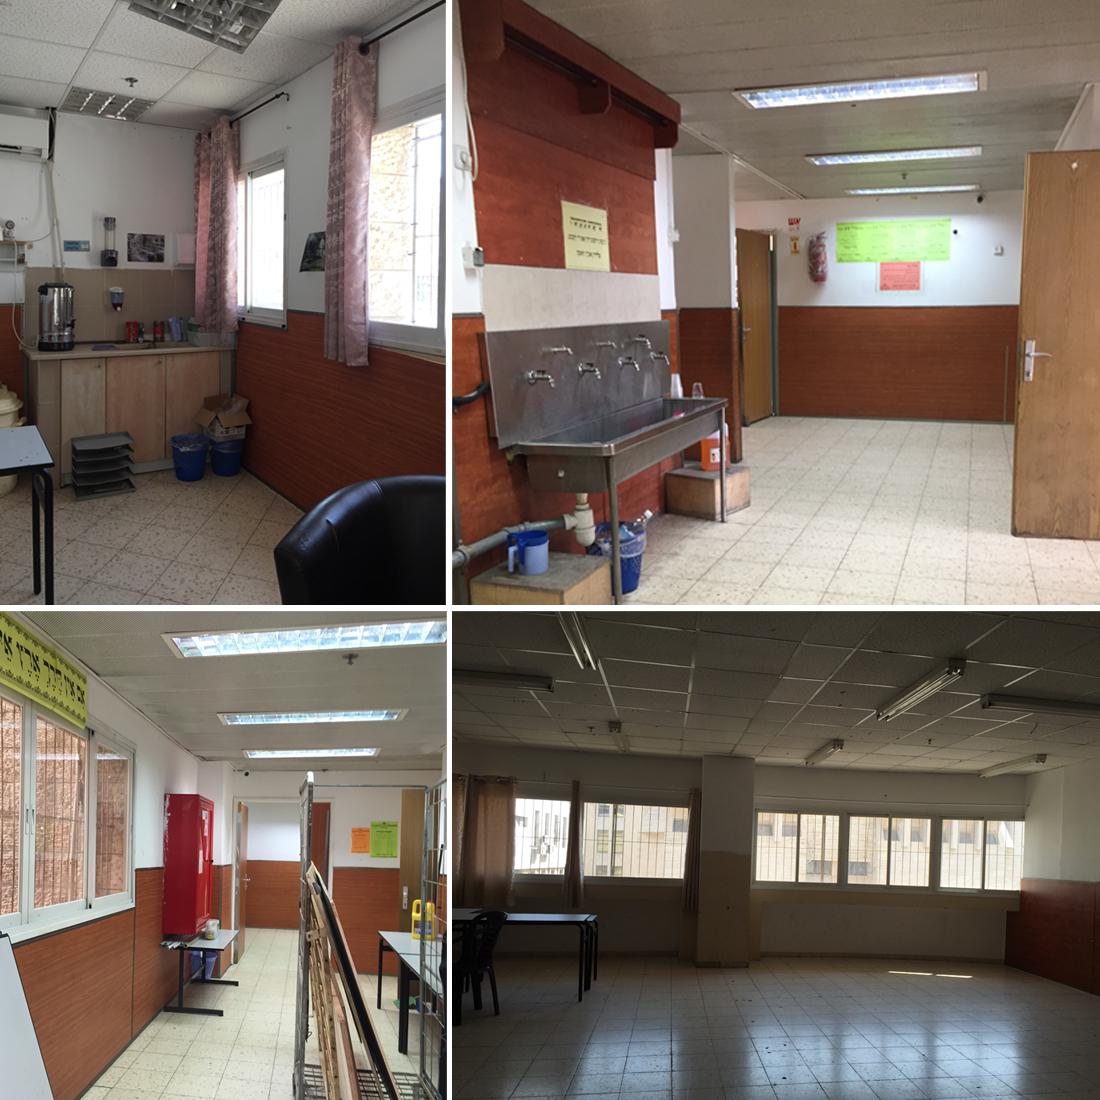 משרדי טריבייס_מצב לפני השיפוץ